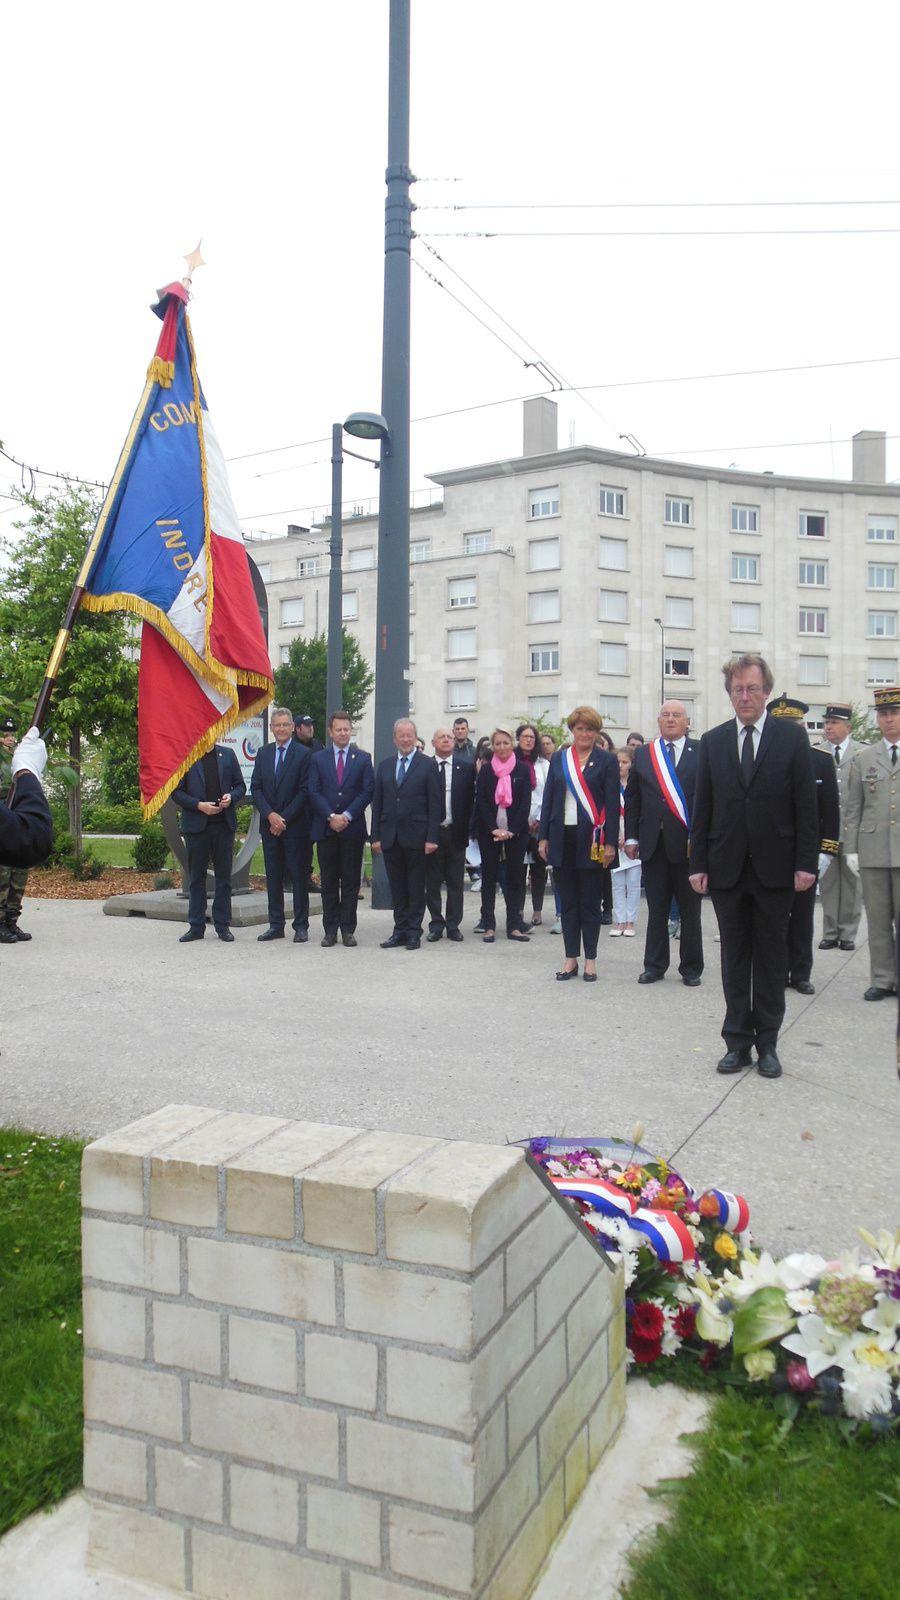 Photos de la cérémonie du centenaire de la bataille de Verdun - 29/05/2016 à Tours